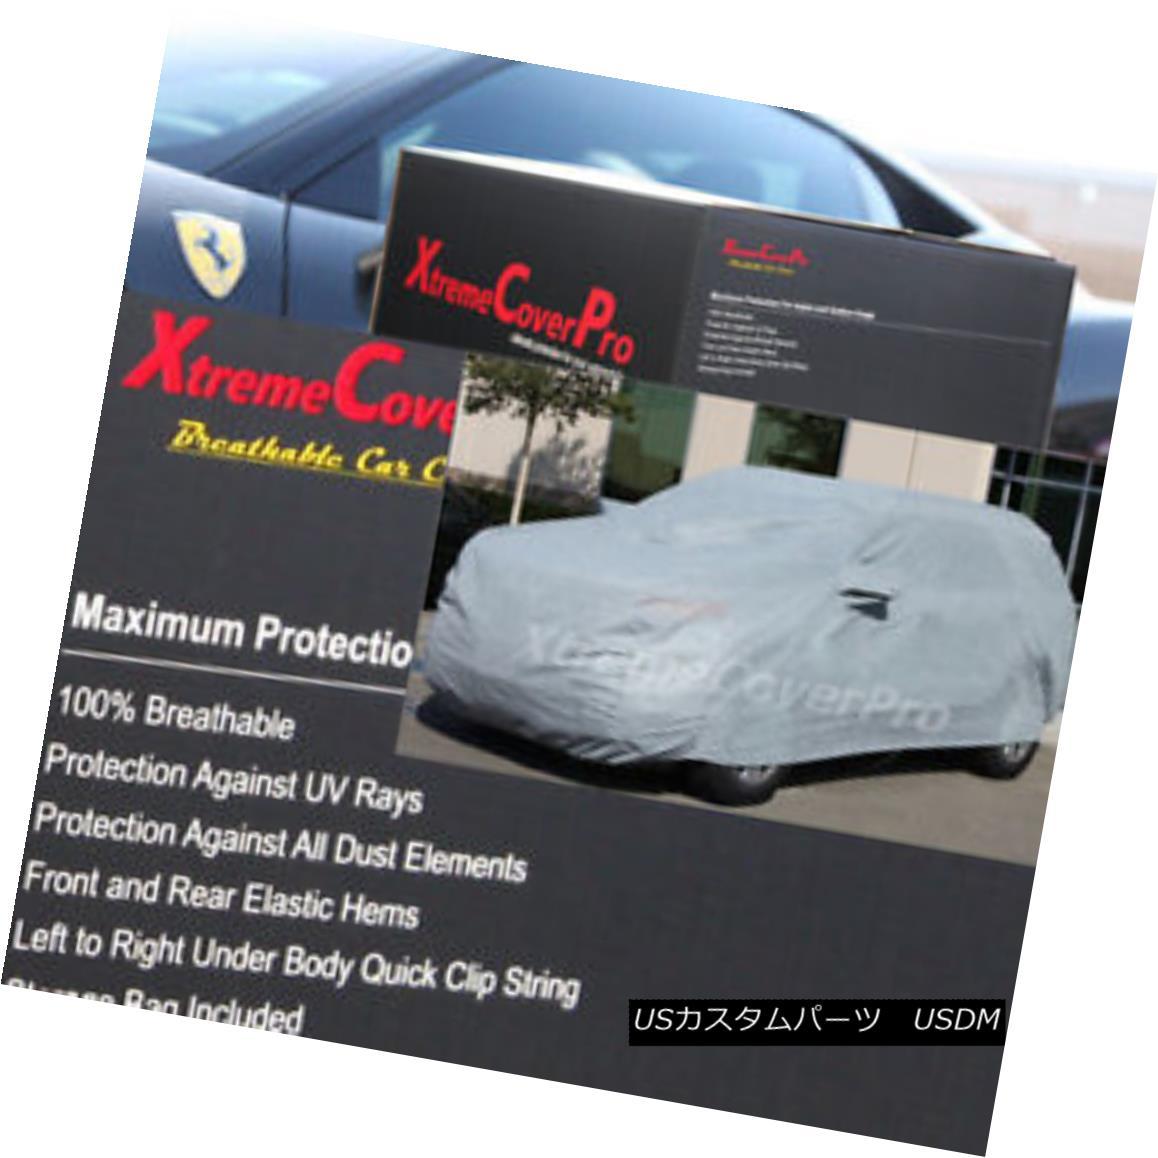 カーカバー 2015 PORSCHE Macan S Macan Turbo Breathable Car Cover w/Mirror Pockets - Gray 2015ポルシェマカンSマカンターボ通気性車カバー/ミラーポケット付き - グレー